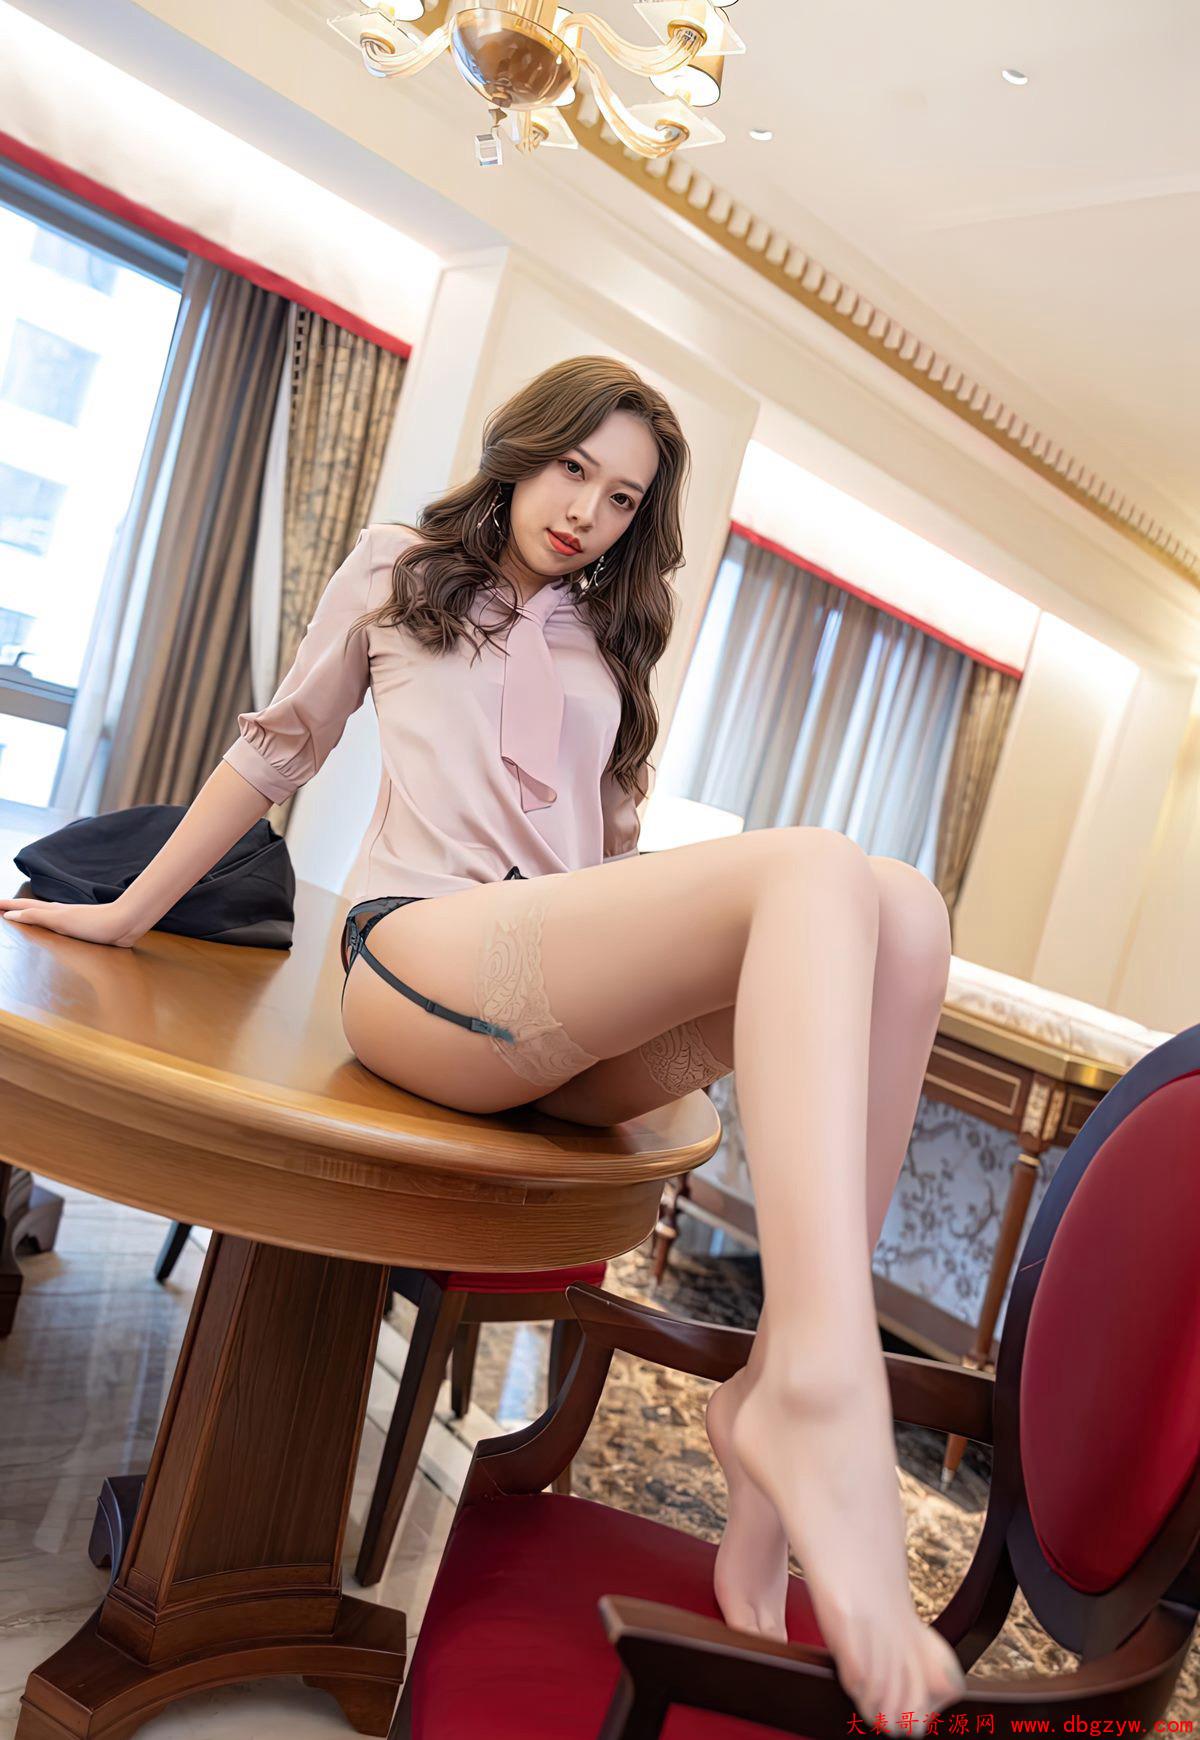 极度丰满美少妇高跟丝袜诱惑肉丝袜美腿高跟